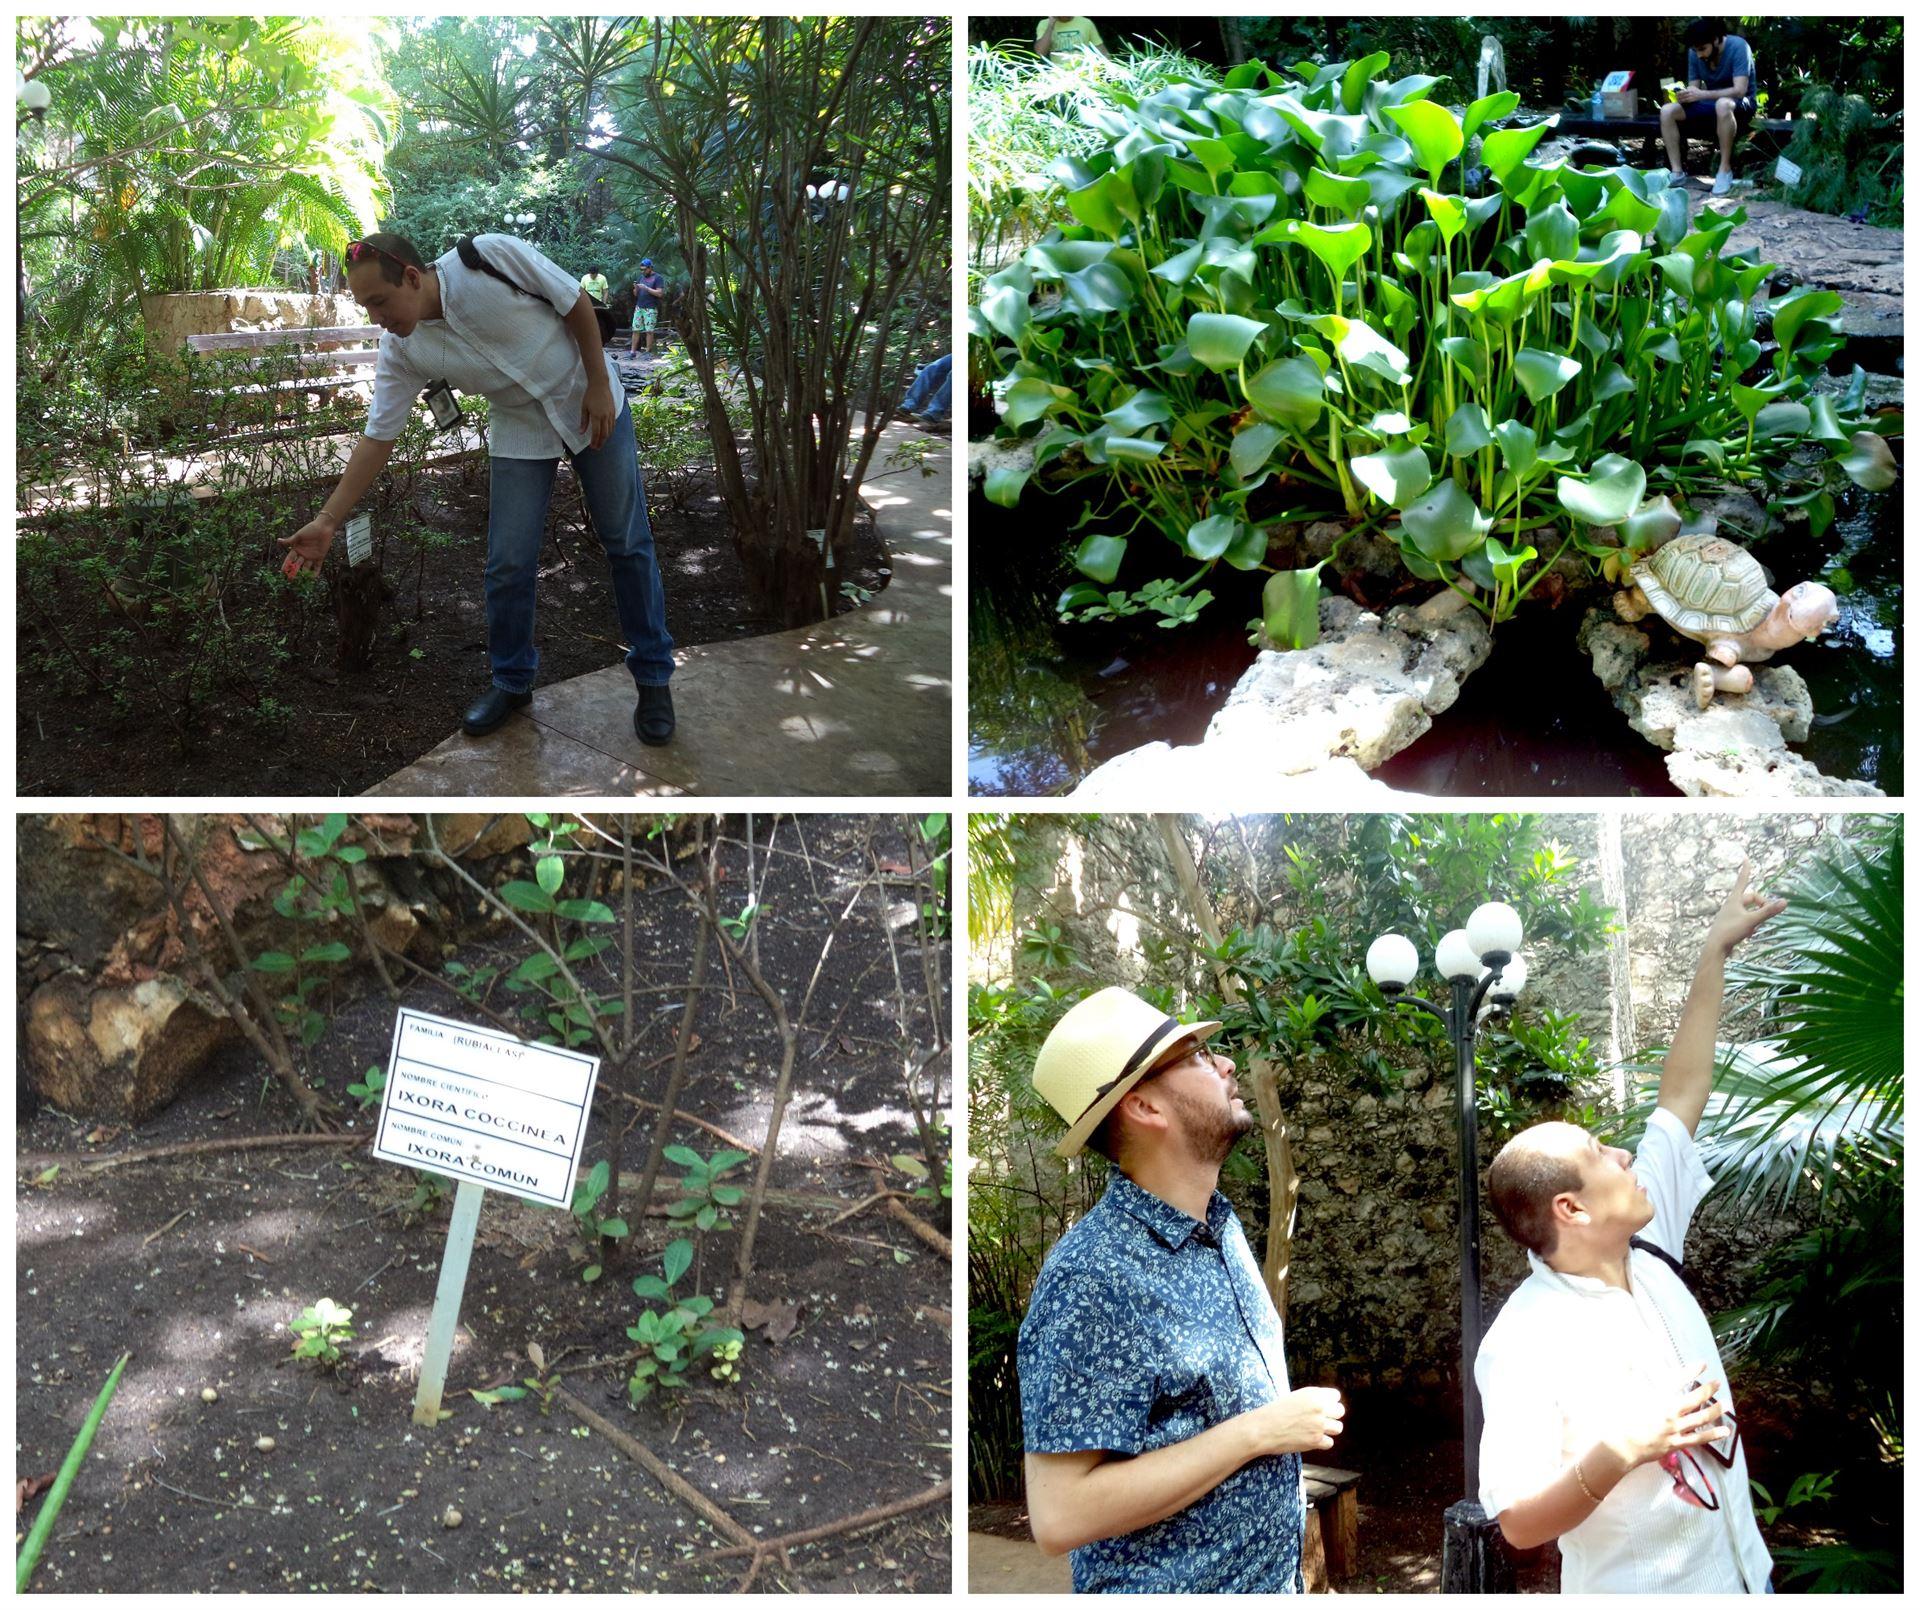 Descubre los secretos del jard n bot nico xmuch 39 halt n en for Jardin botanico xmuch haltun